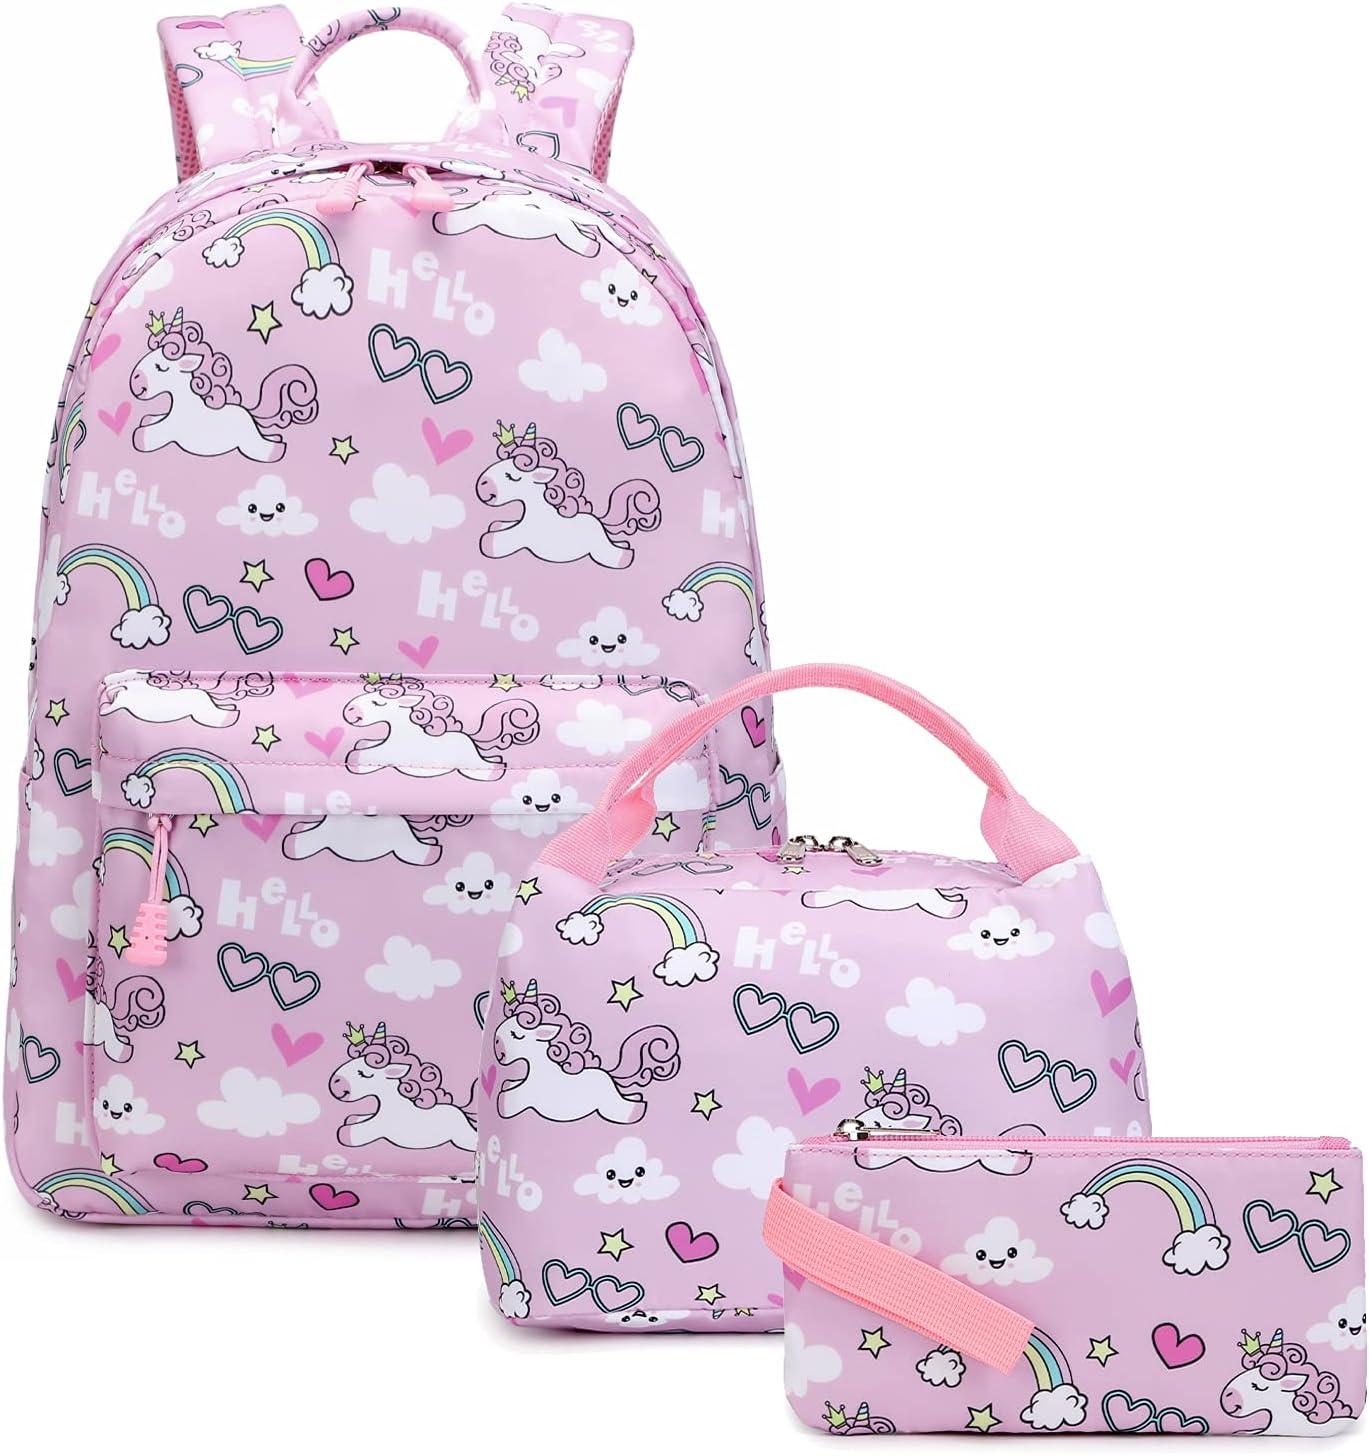 Kids Luxury Max 47% OFF Backpack For Girls BookBag Toddler Unicorn School